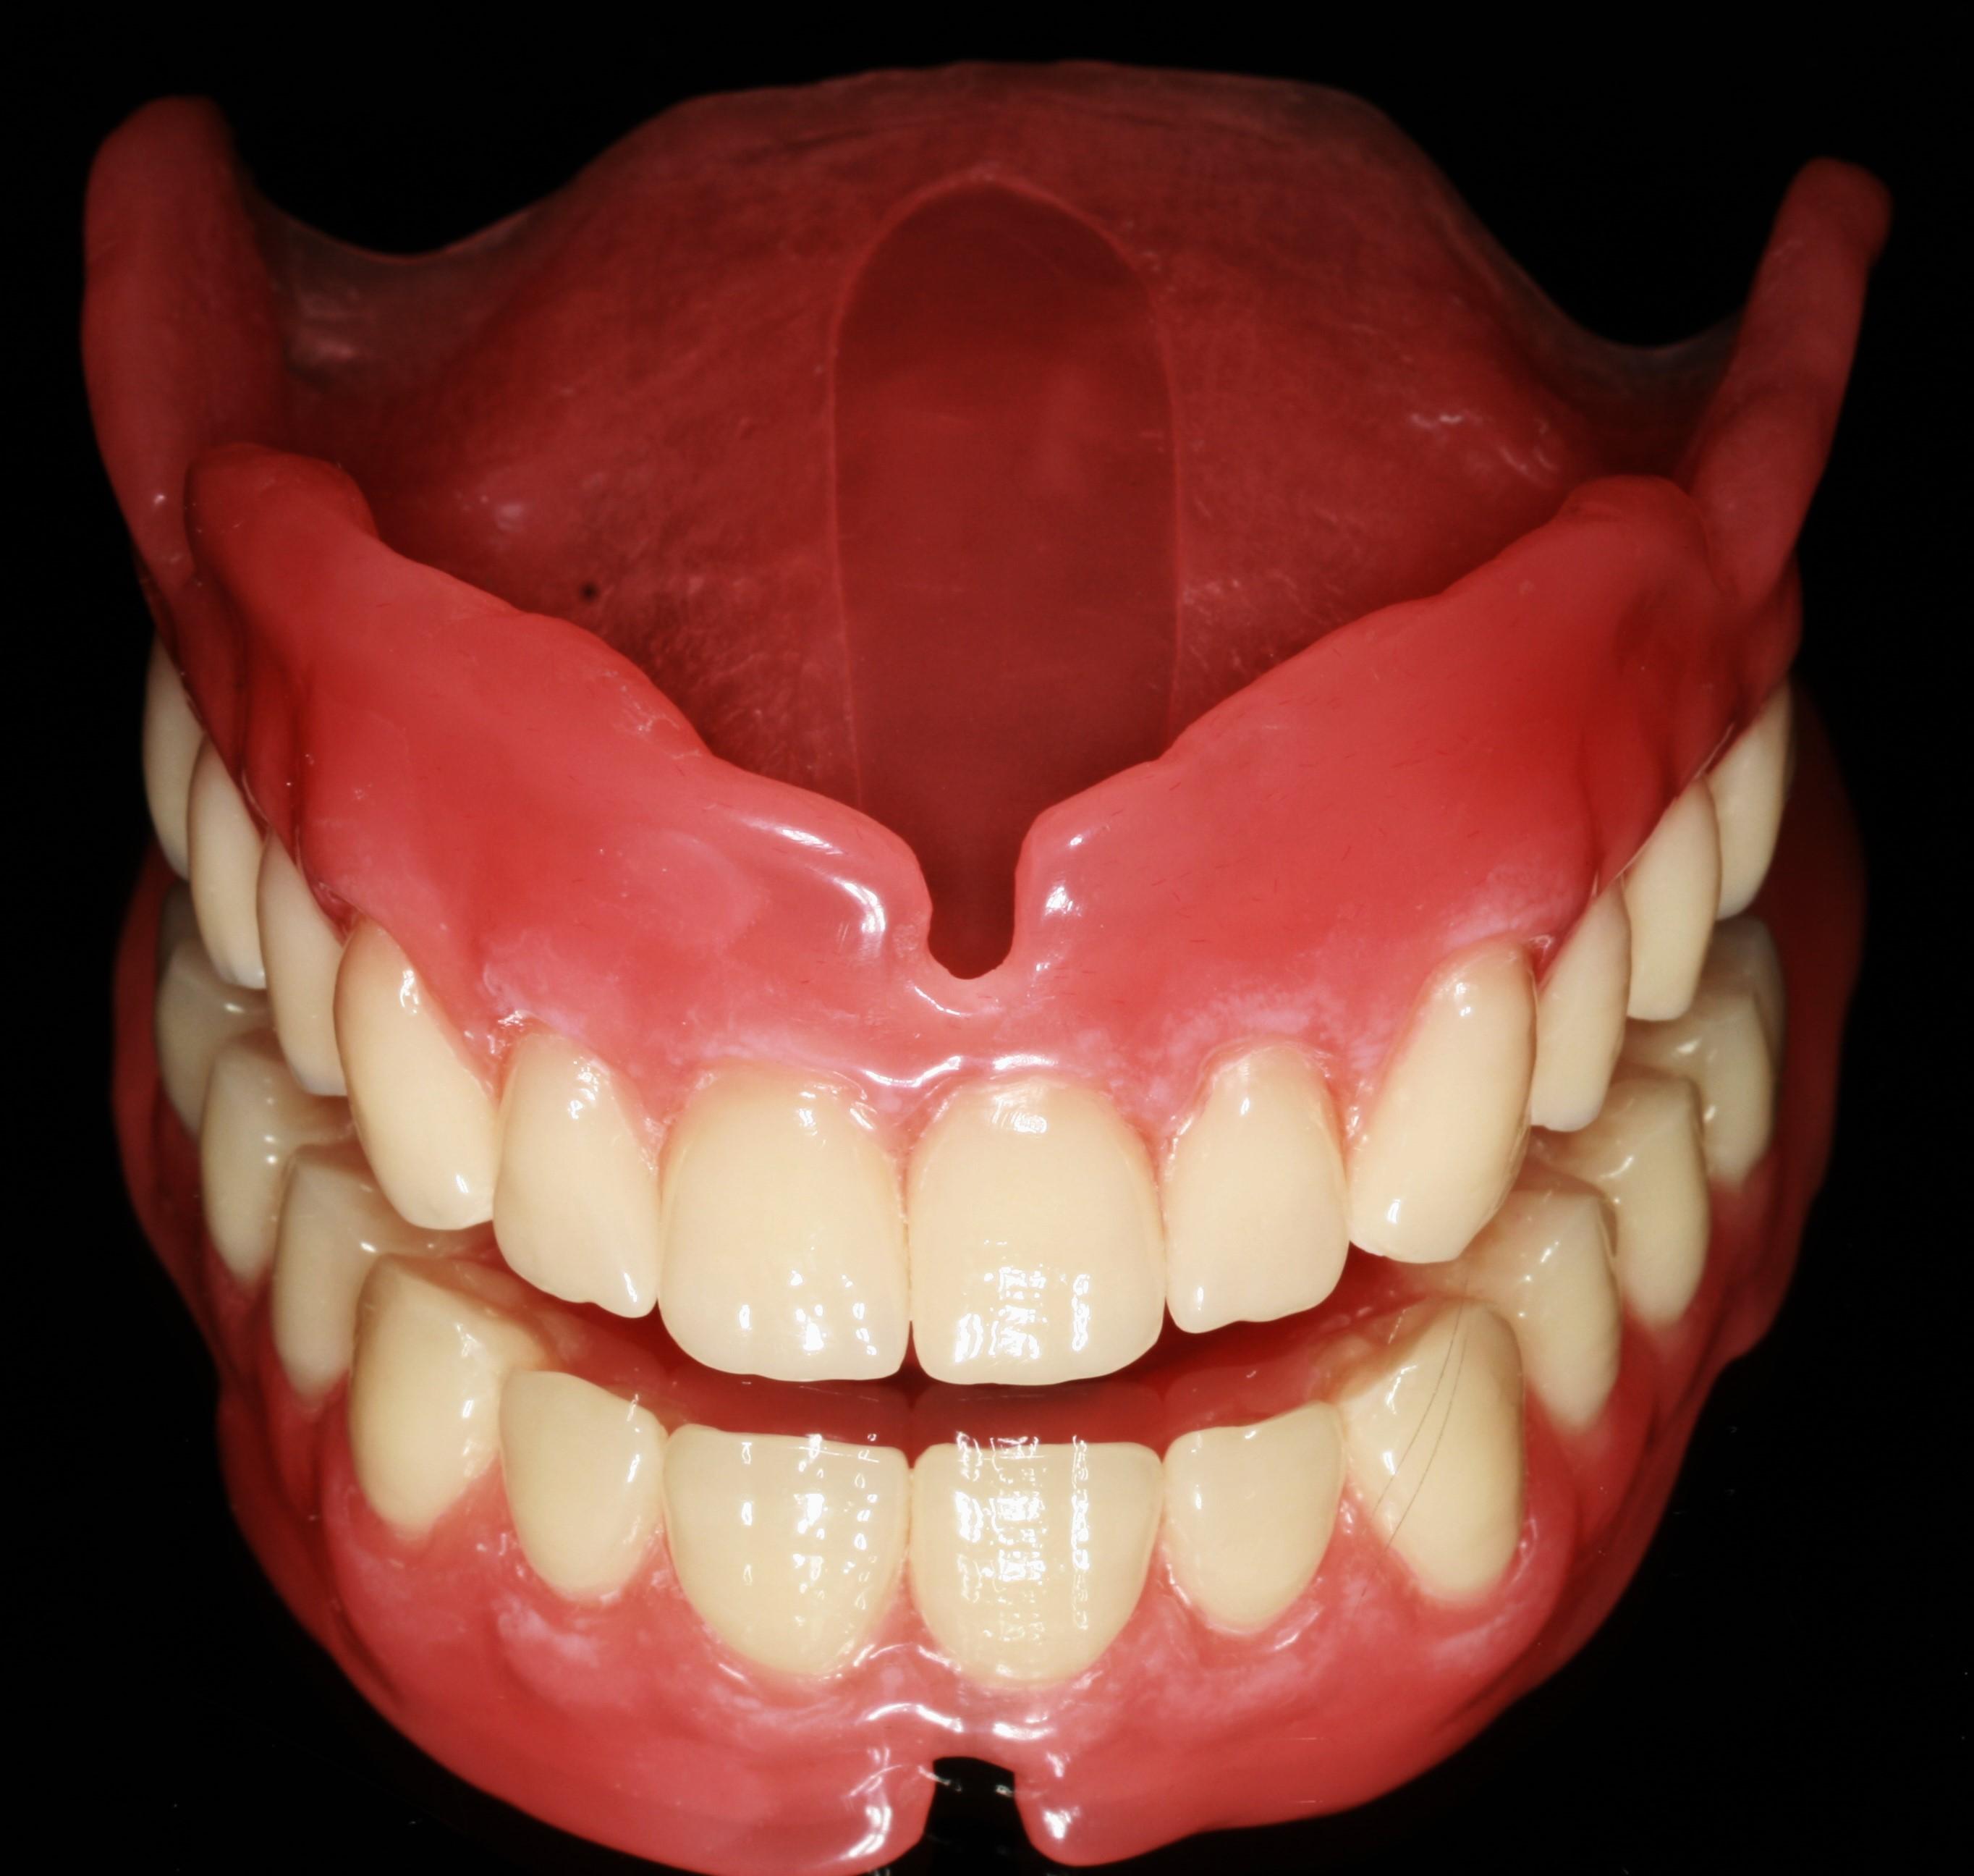 Κινητή προσθετική – Οδοντοστοιχίες